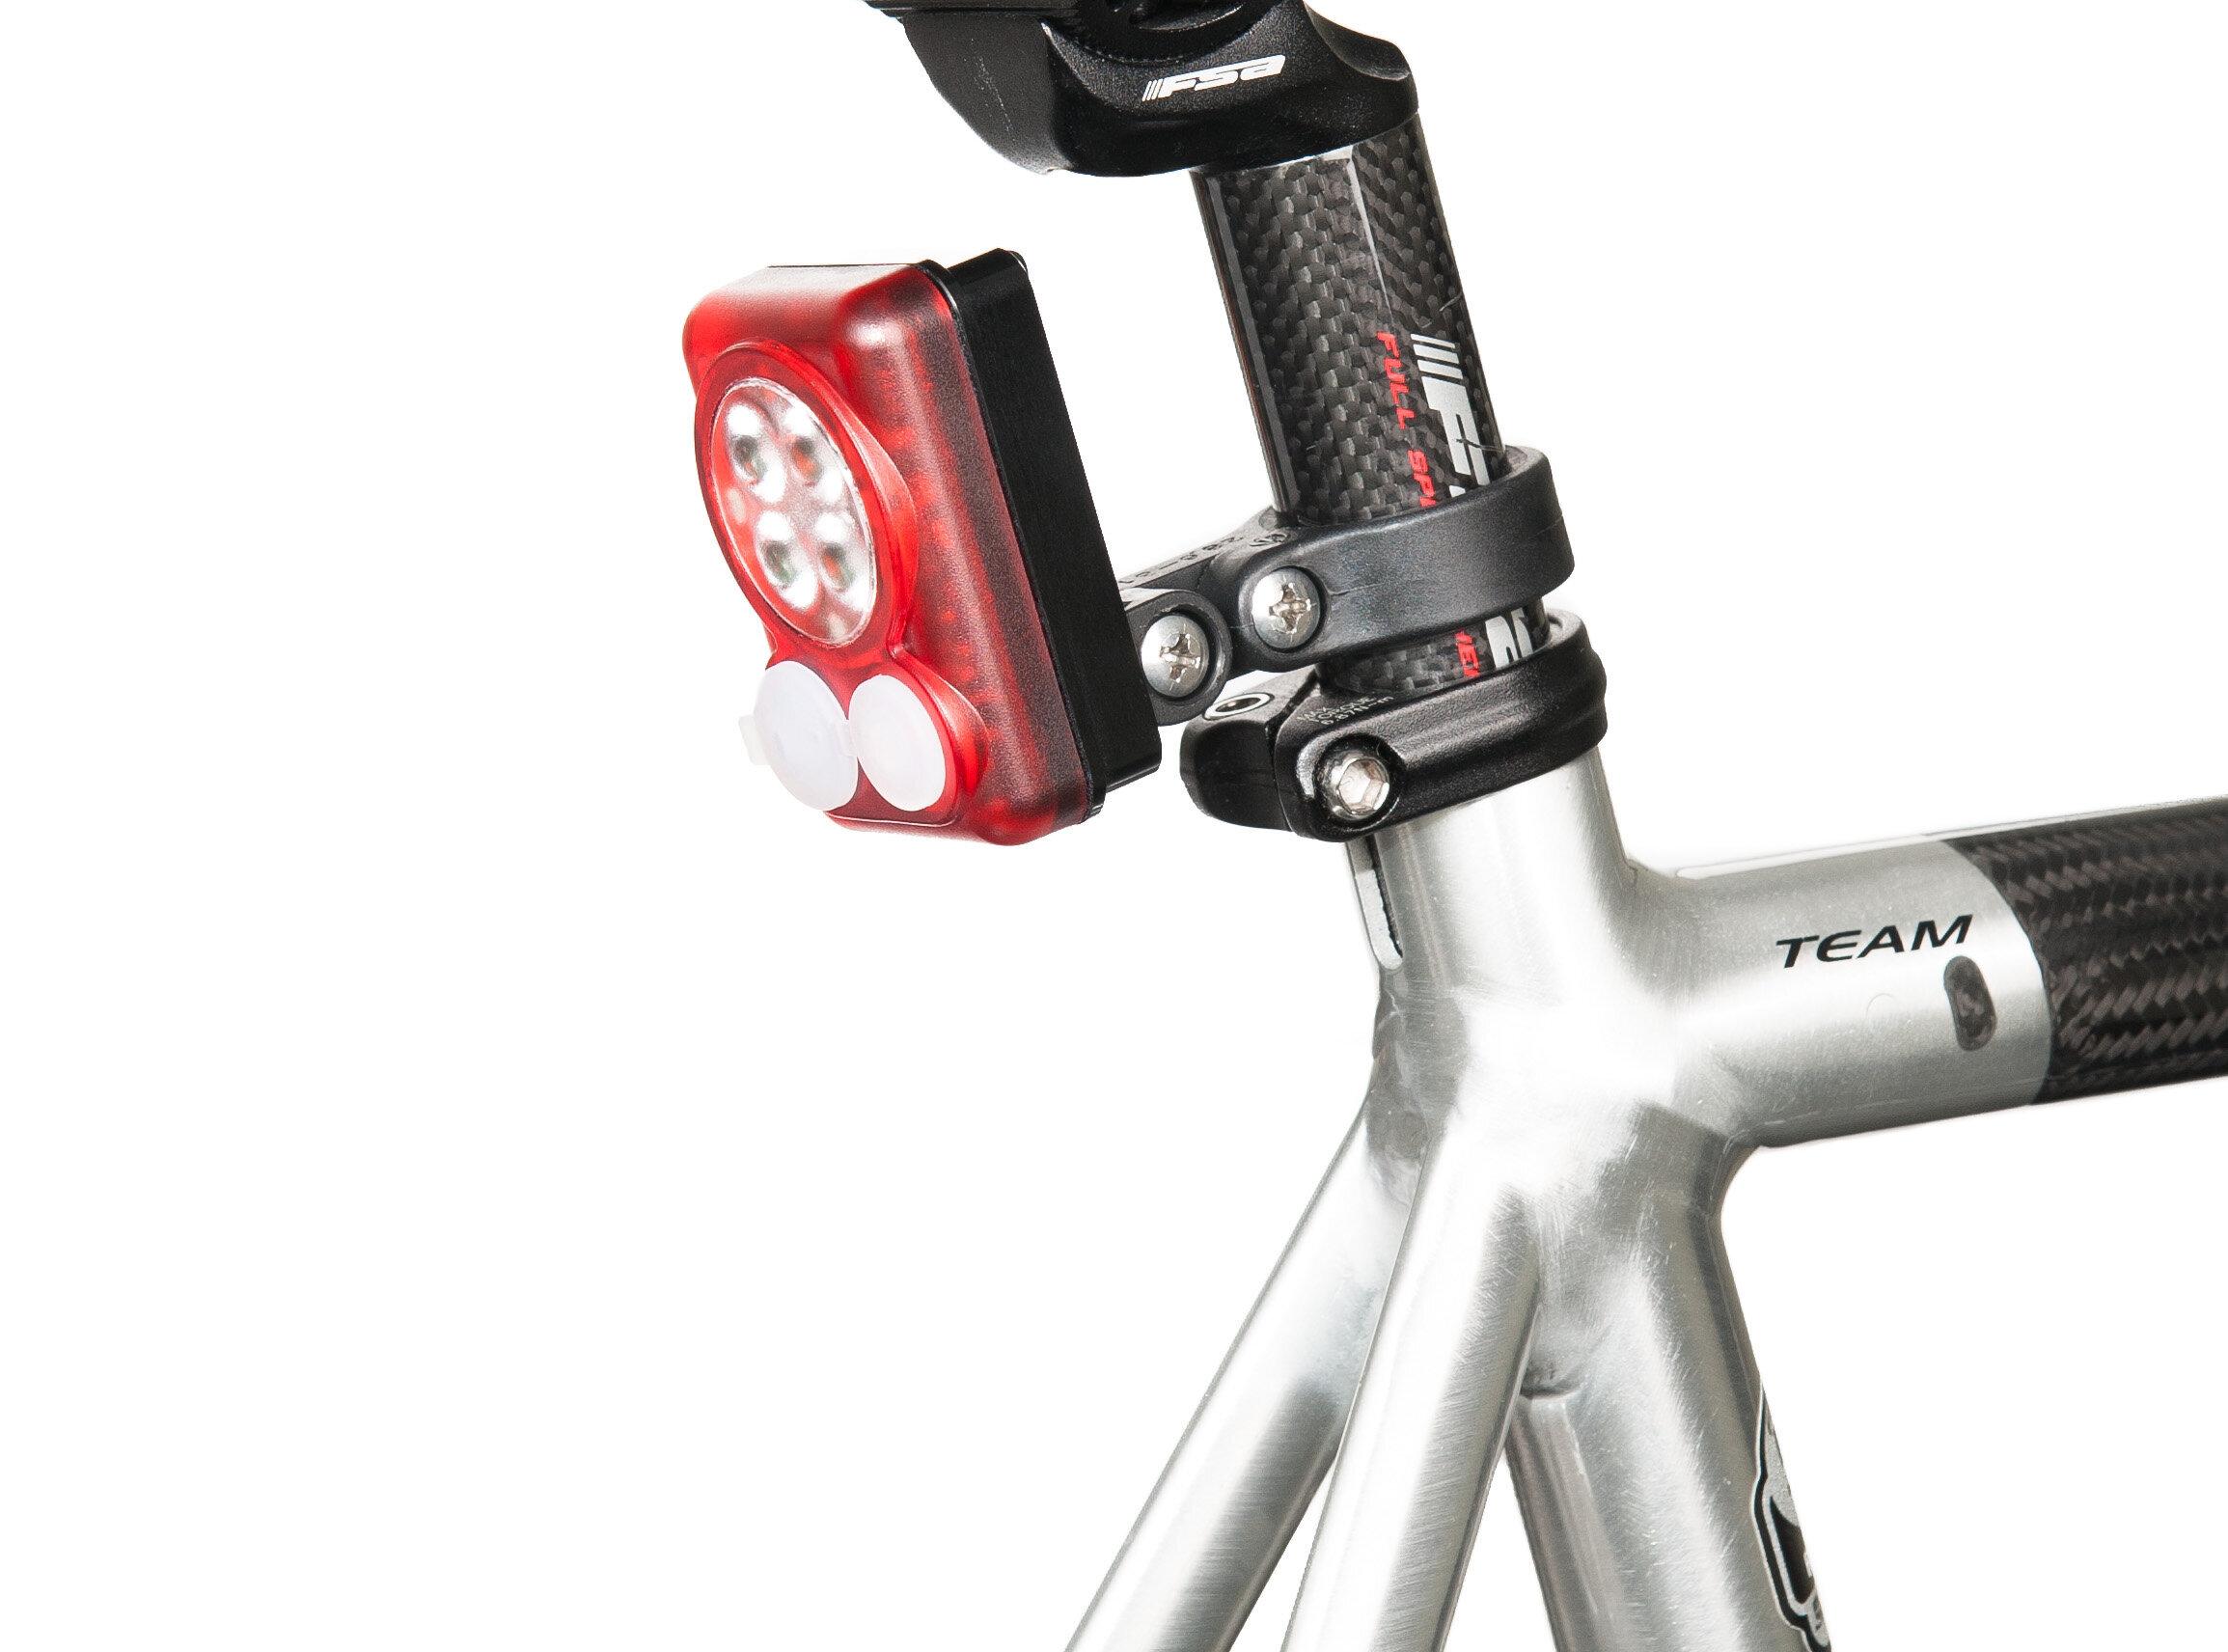 Still-Life-09-Commercial-Product-DiNotte-Lighting-Bike-Light-Taillight.jpg